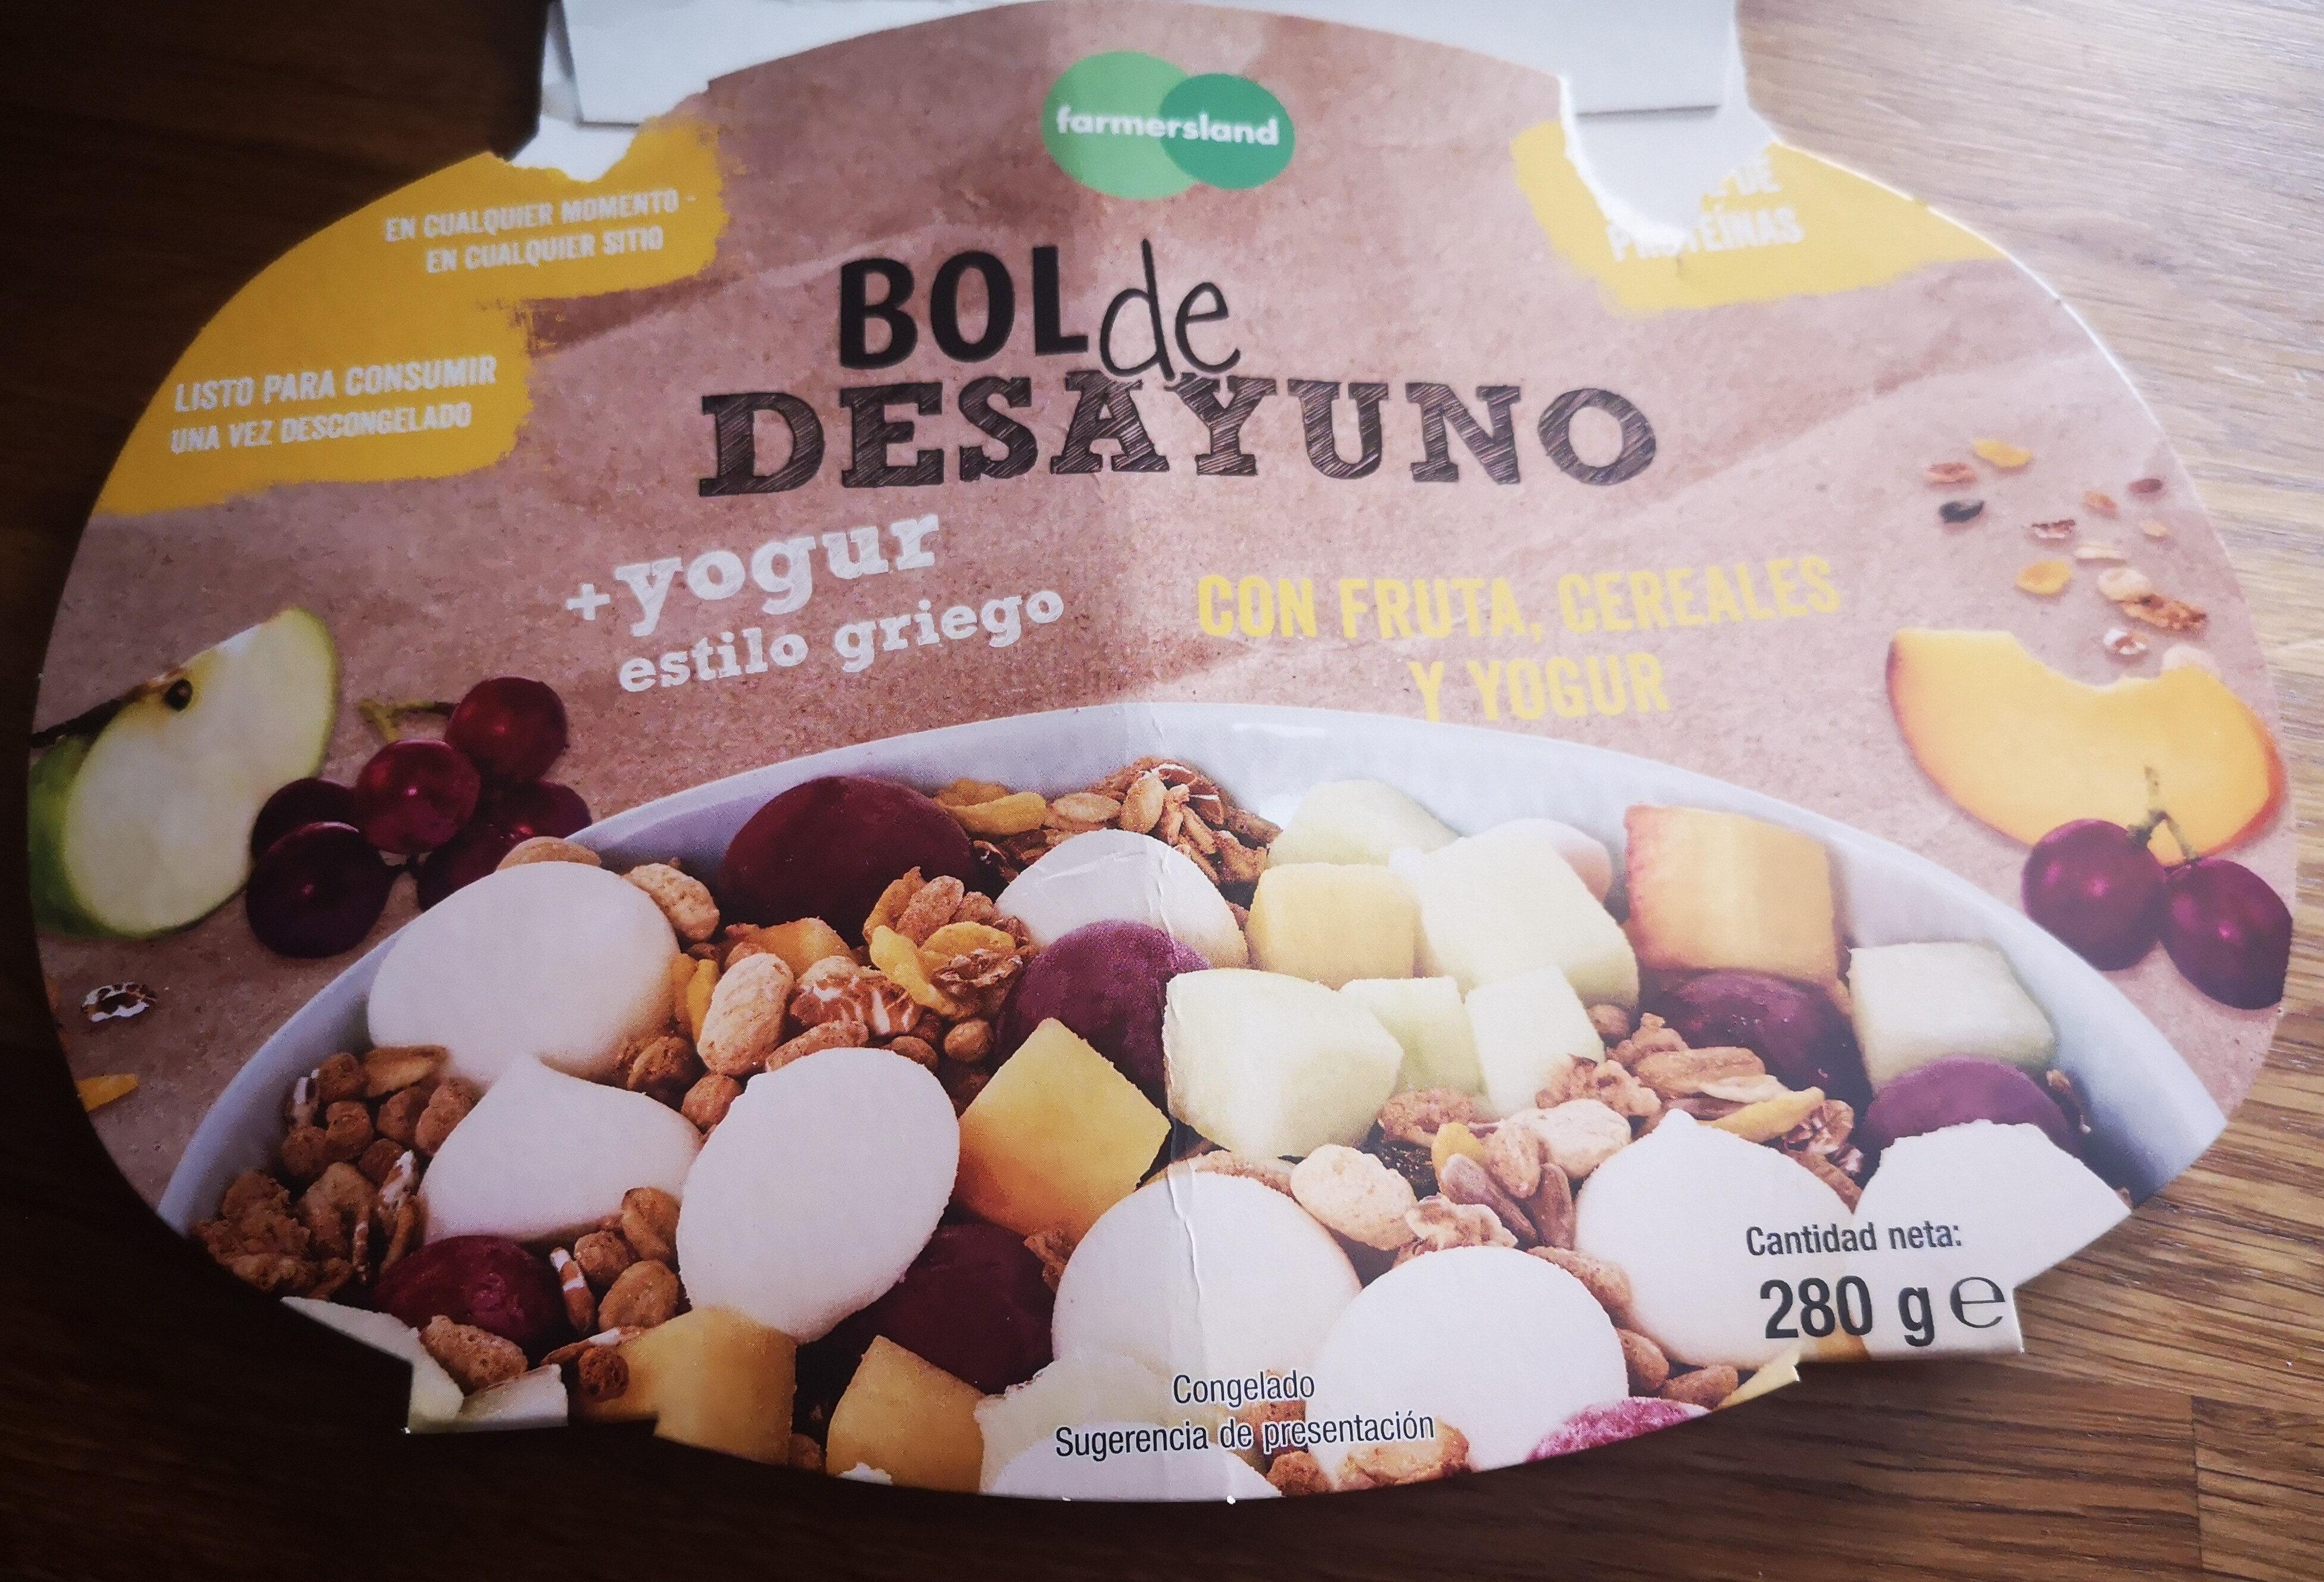 Bol de desayuno +yogur estilo griego - Producte